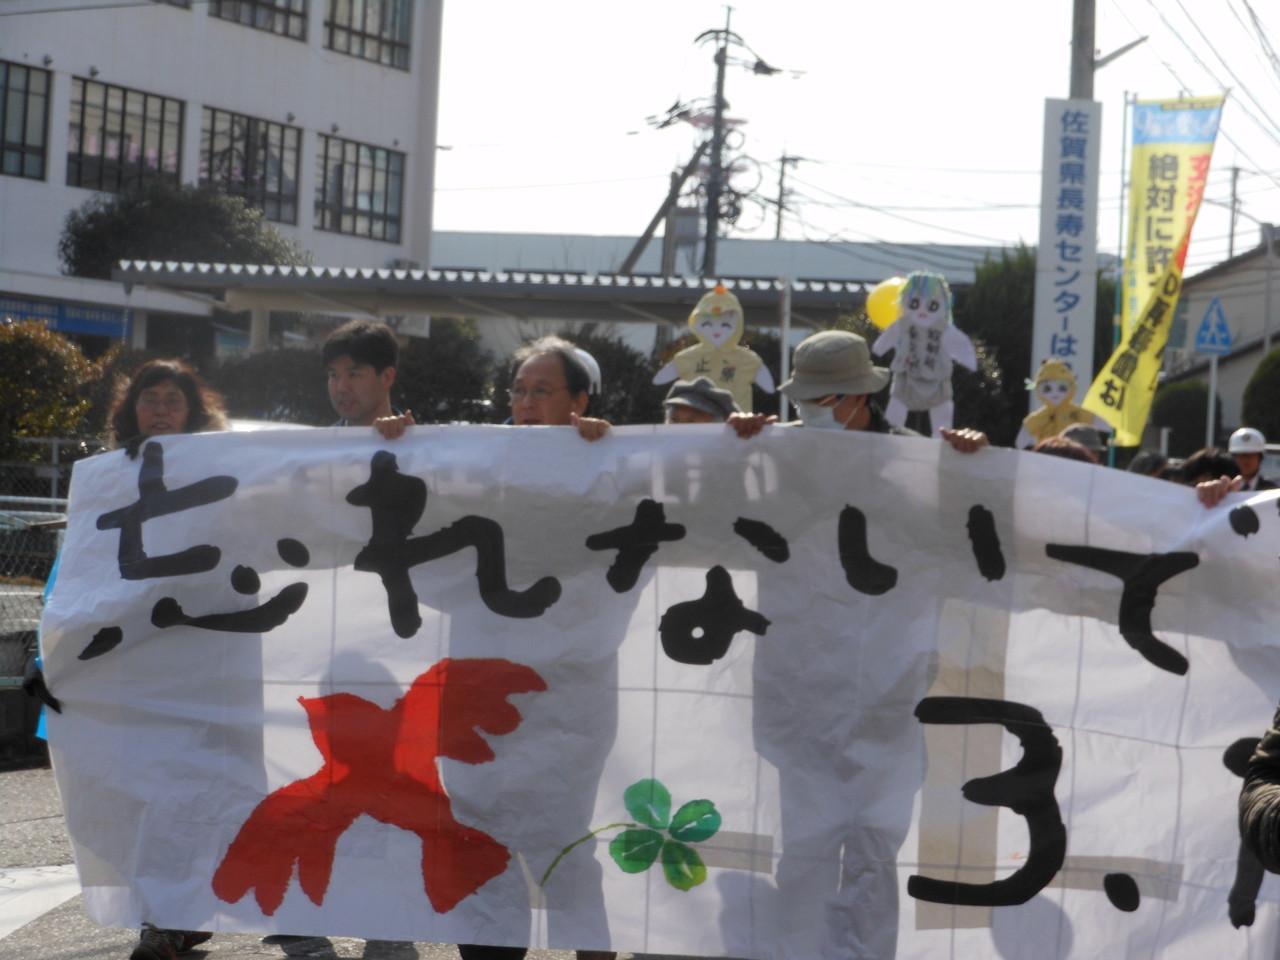 2012.3.11 九電〜佐賀県庁へデモ。私達は忘れない。